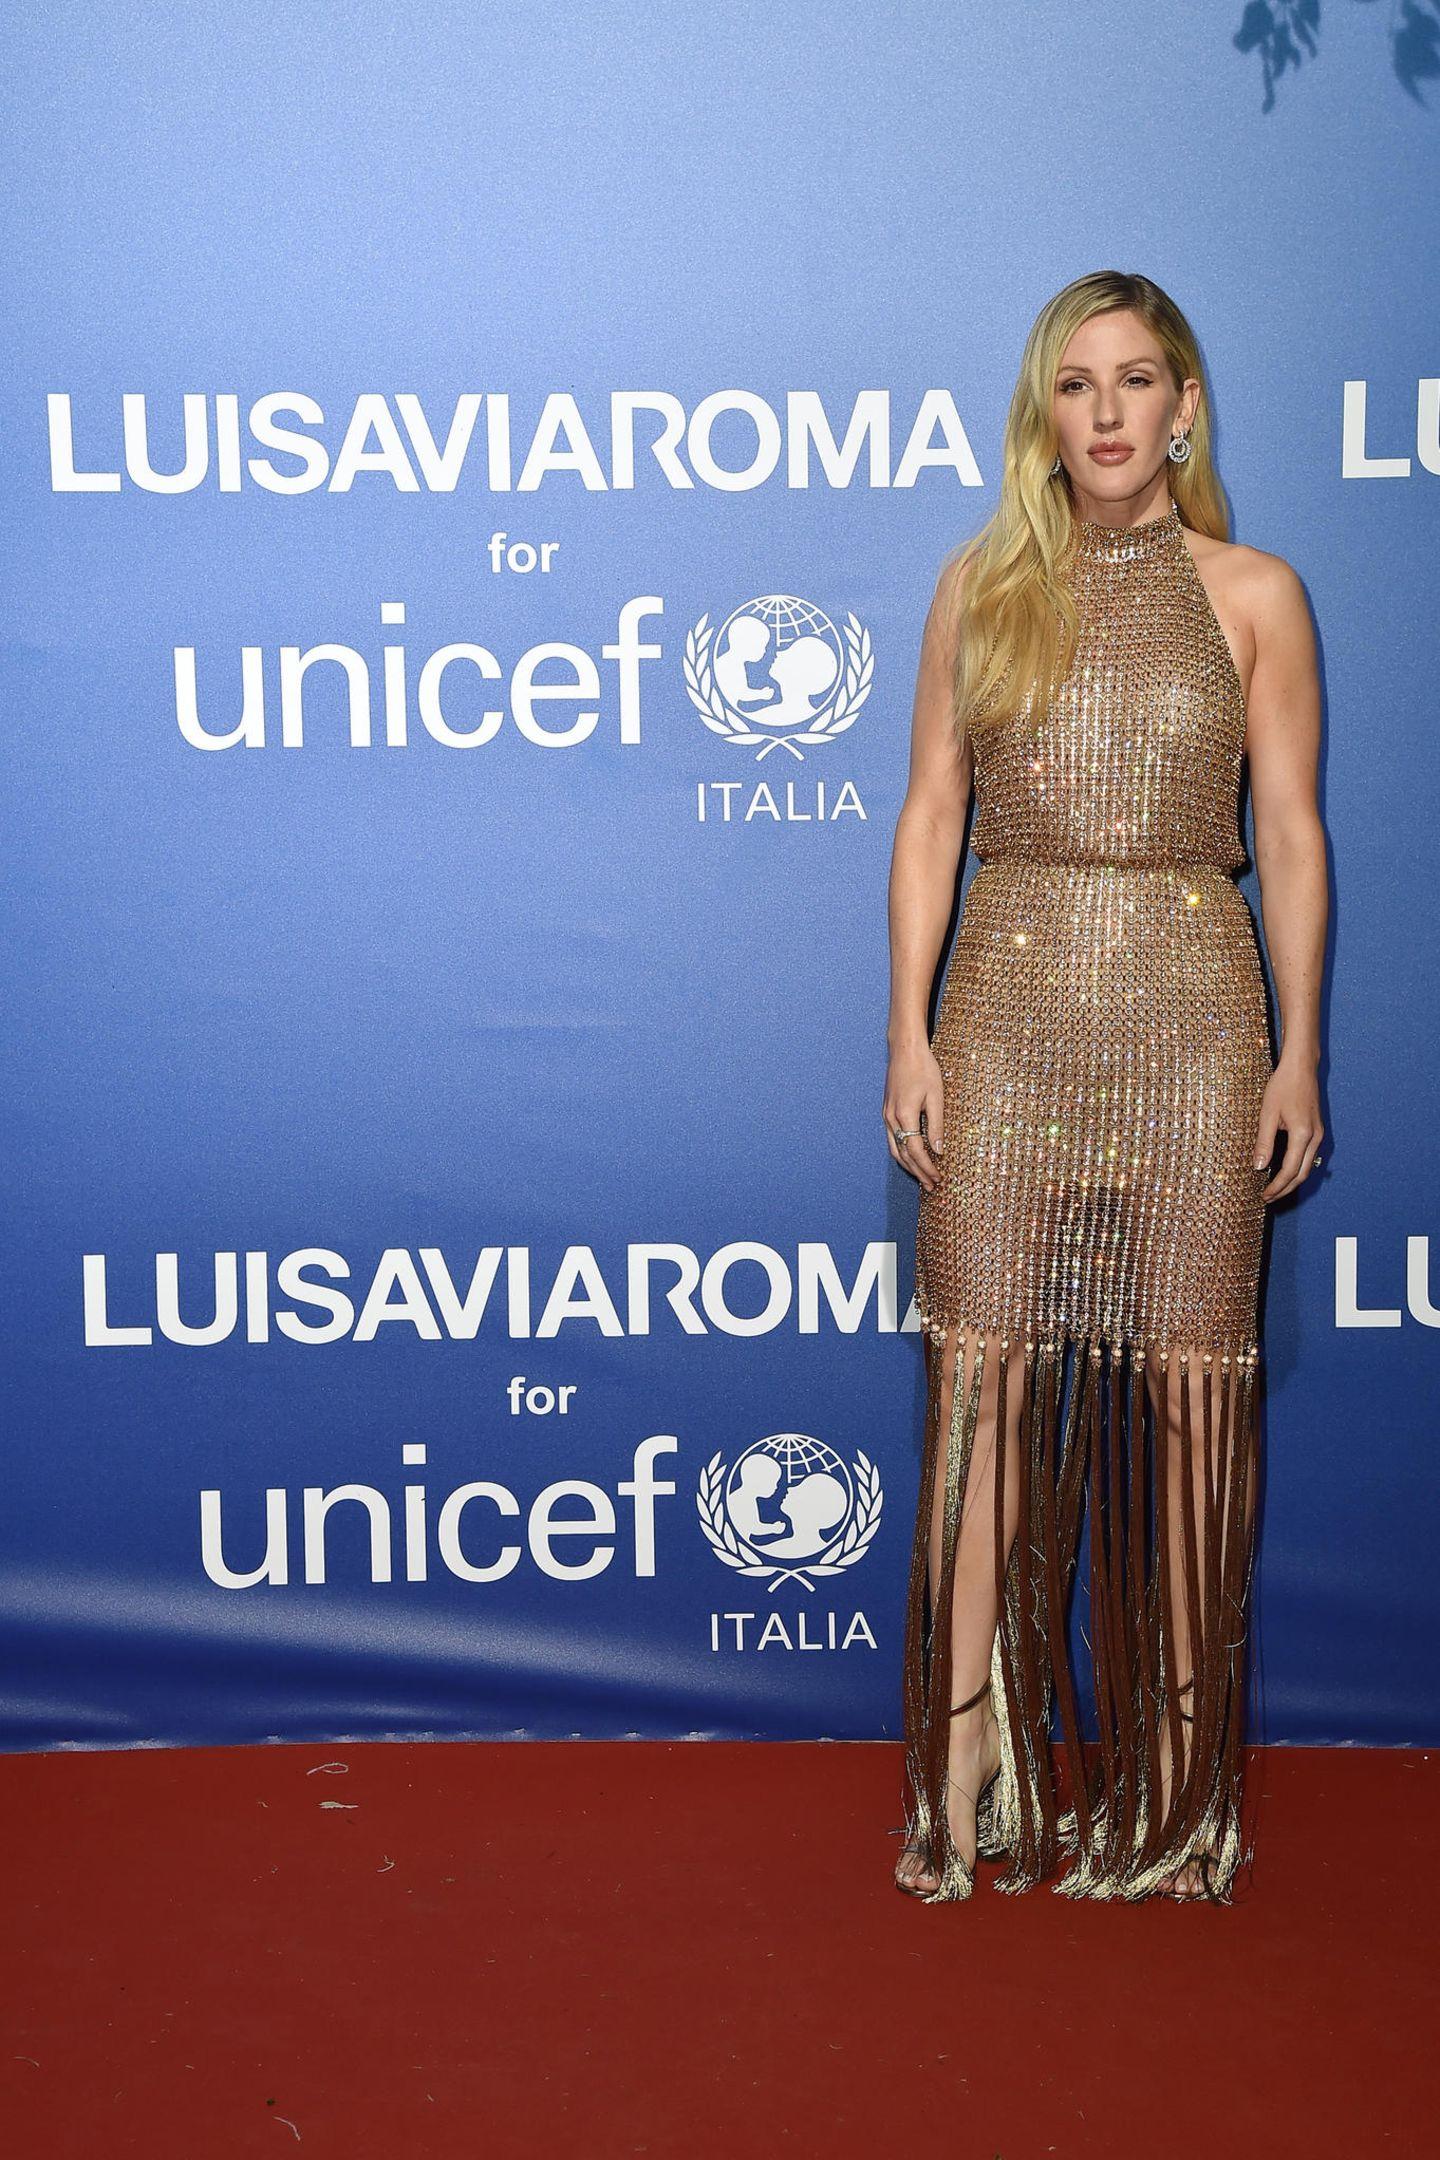 Ellie Goulding setzt ebenfalls auf Glitzer. Das Kleid hat Fransendetails am Rock und ist tailliert. Dazu trägt sie die Haare offen und Make-up in Brauntönen.